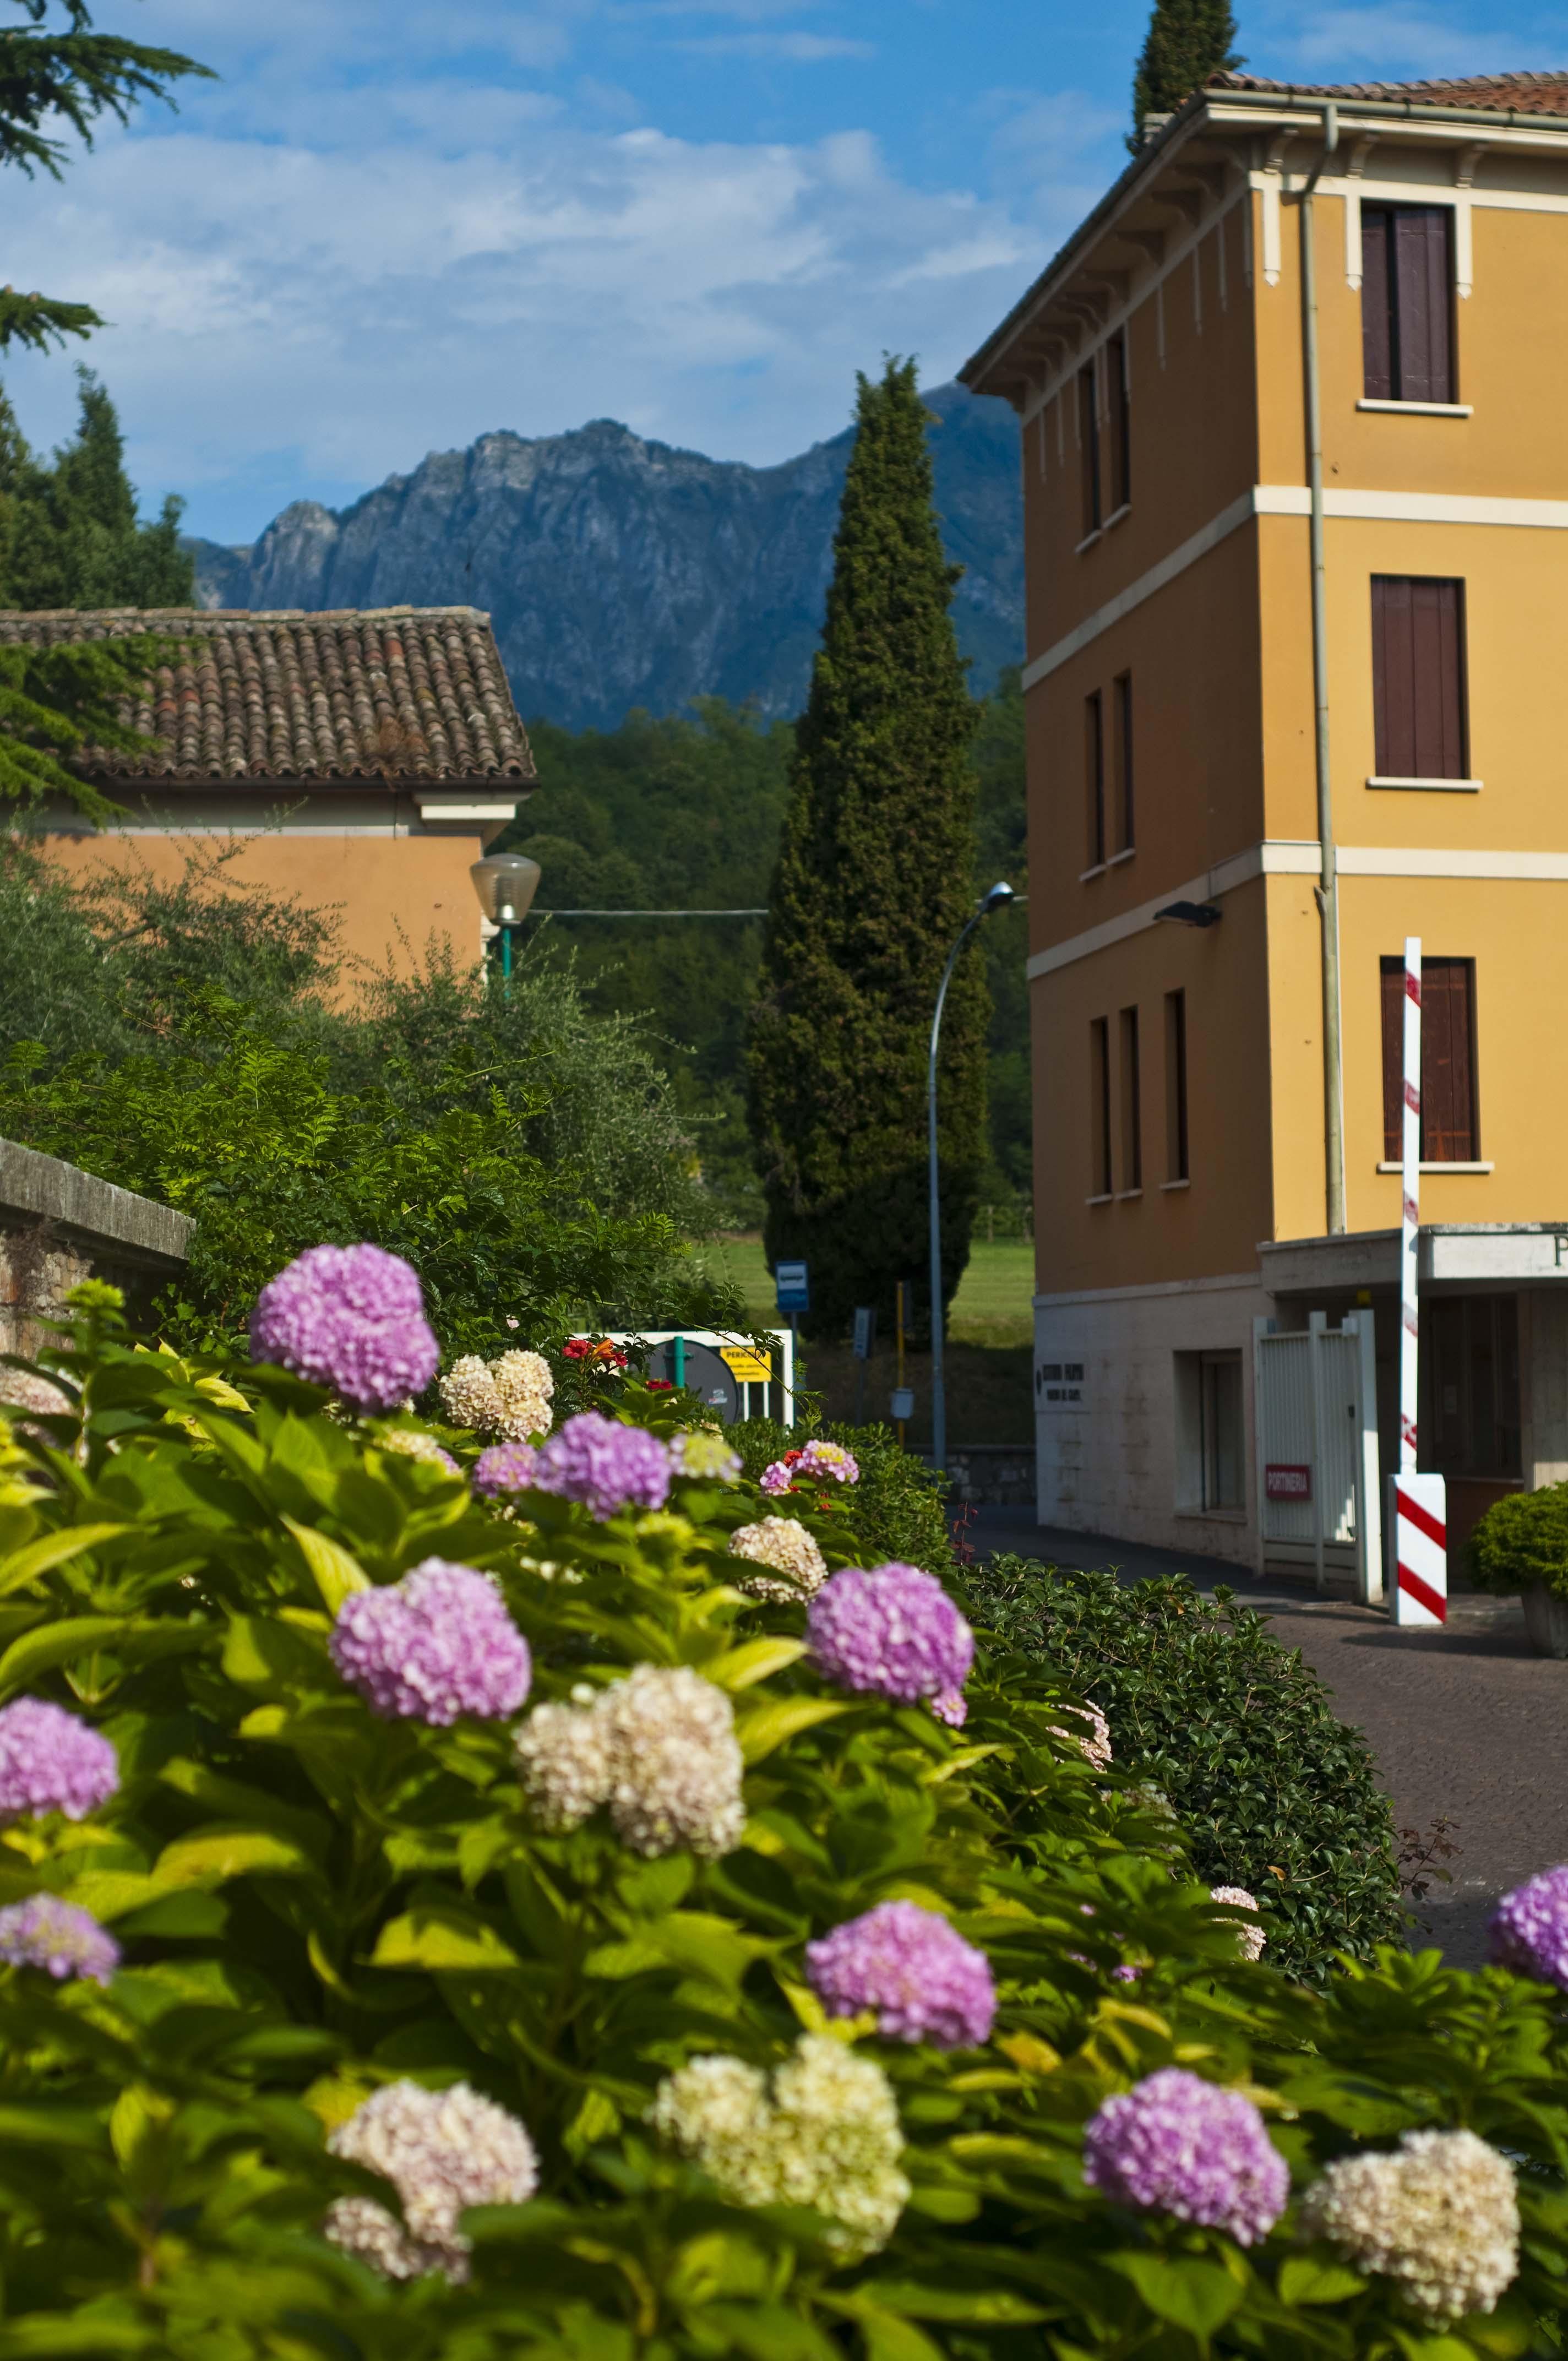 CIMBA campus in Paderno del Grappa, Italy